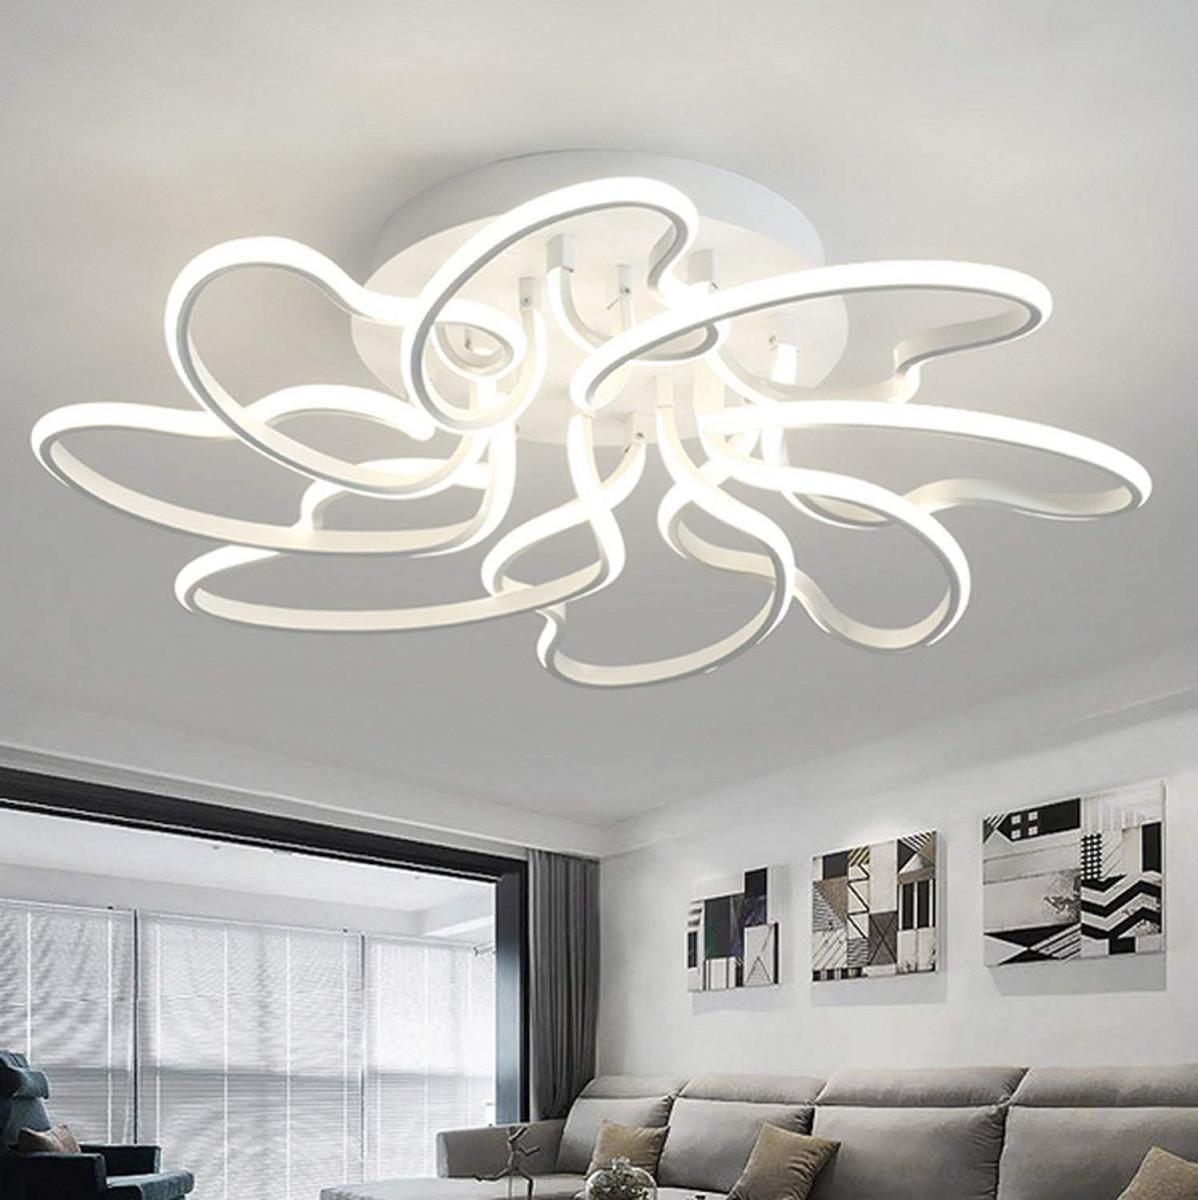 Moderne Deckenleuchten Für Wohnzimmer Arbeitszimmer von Deckenlampe Wohnzimmer Modern Photo